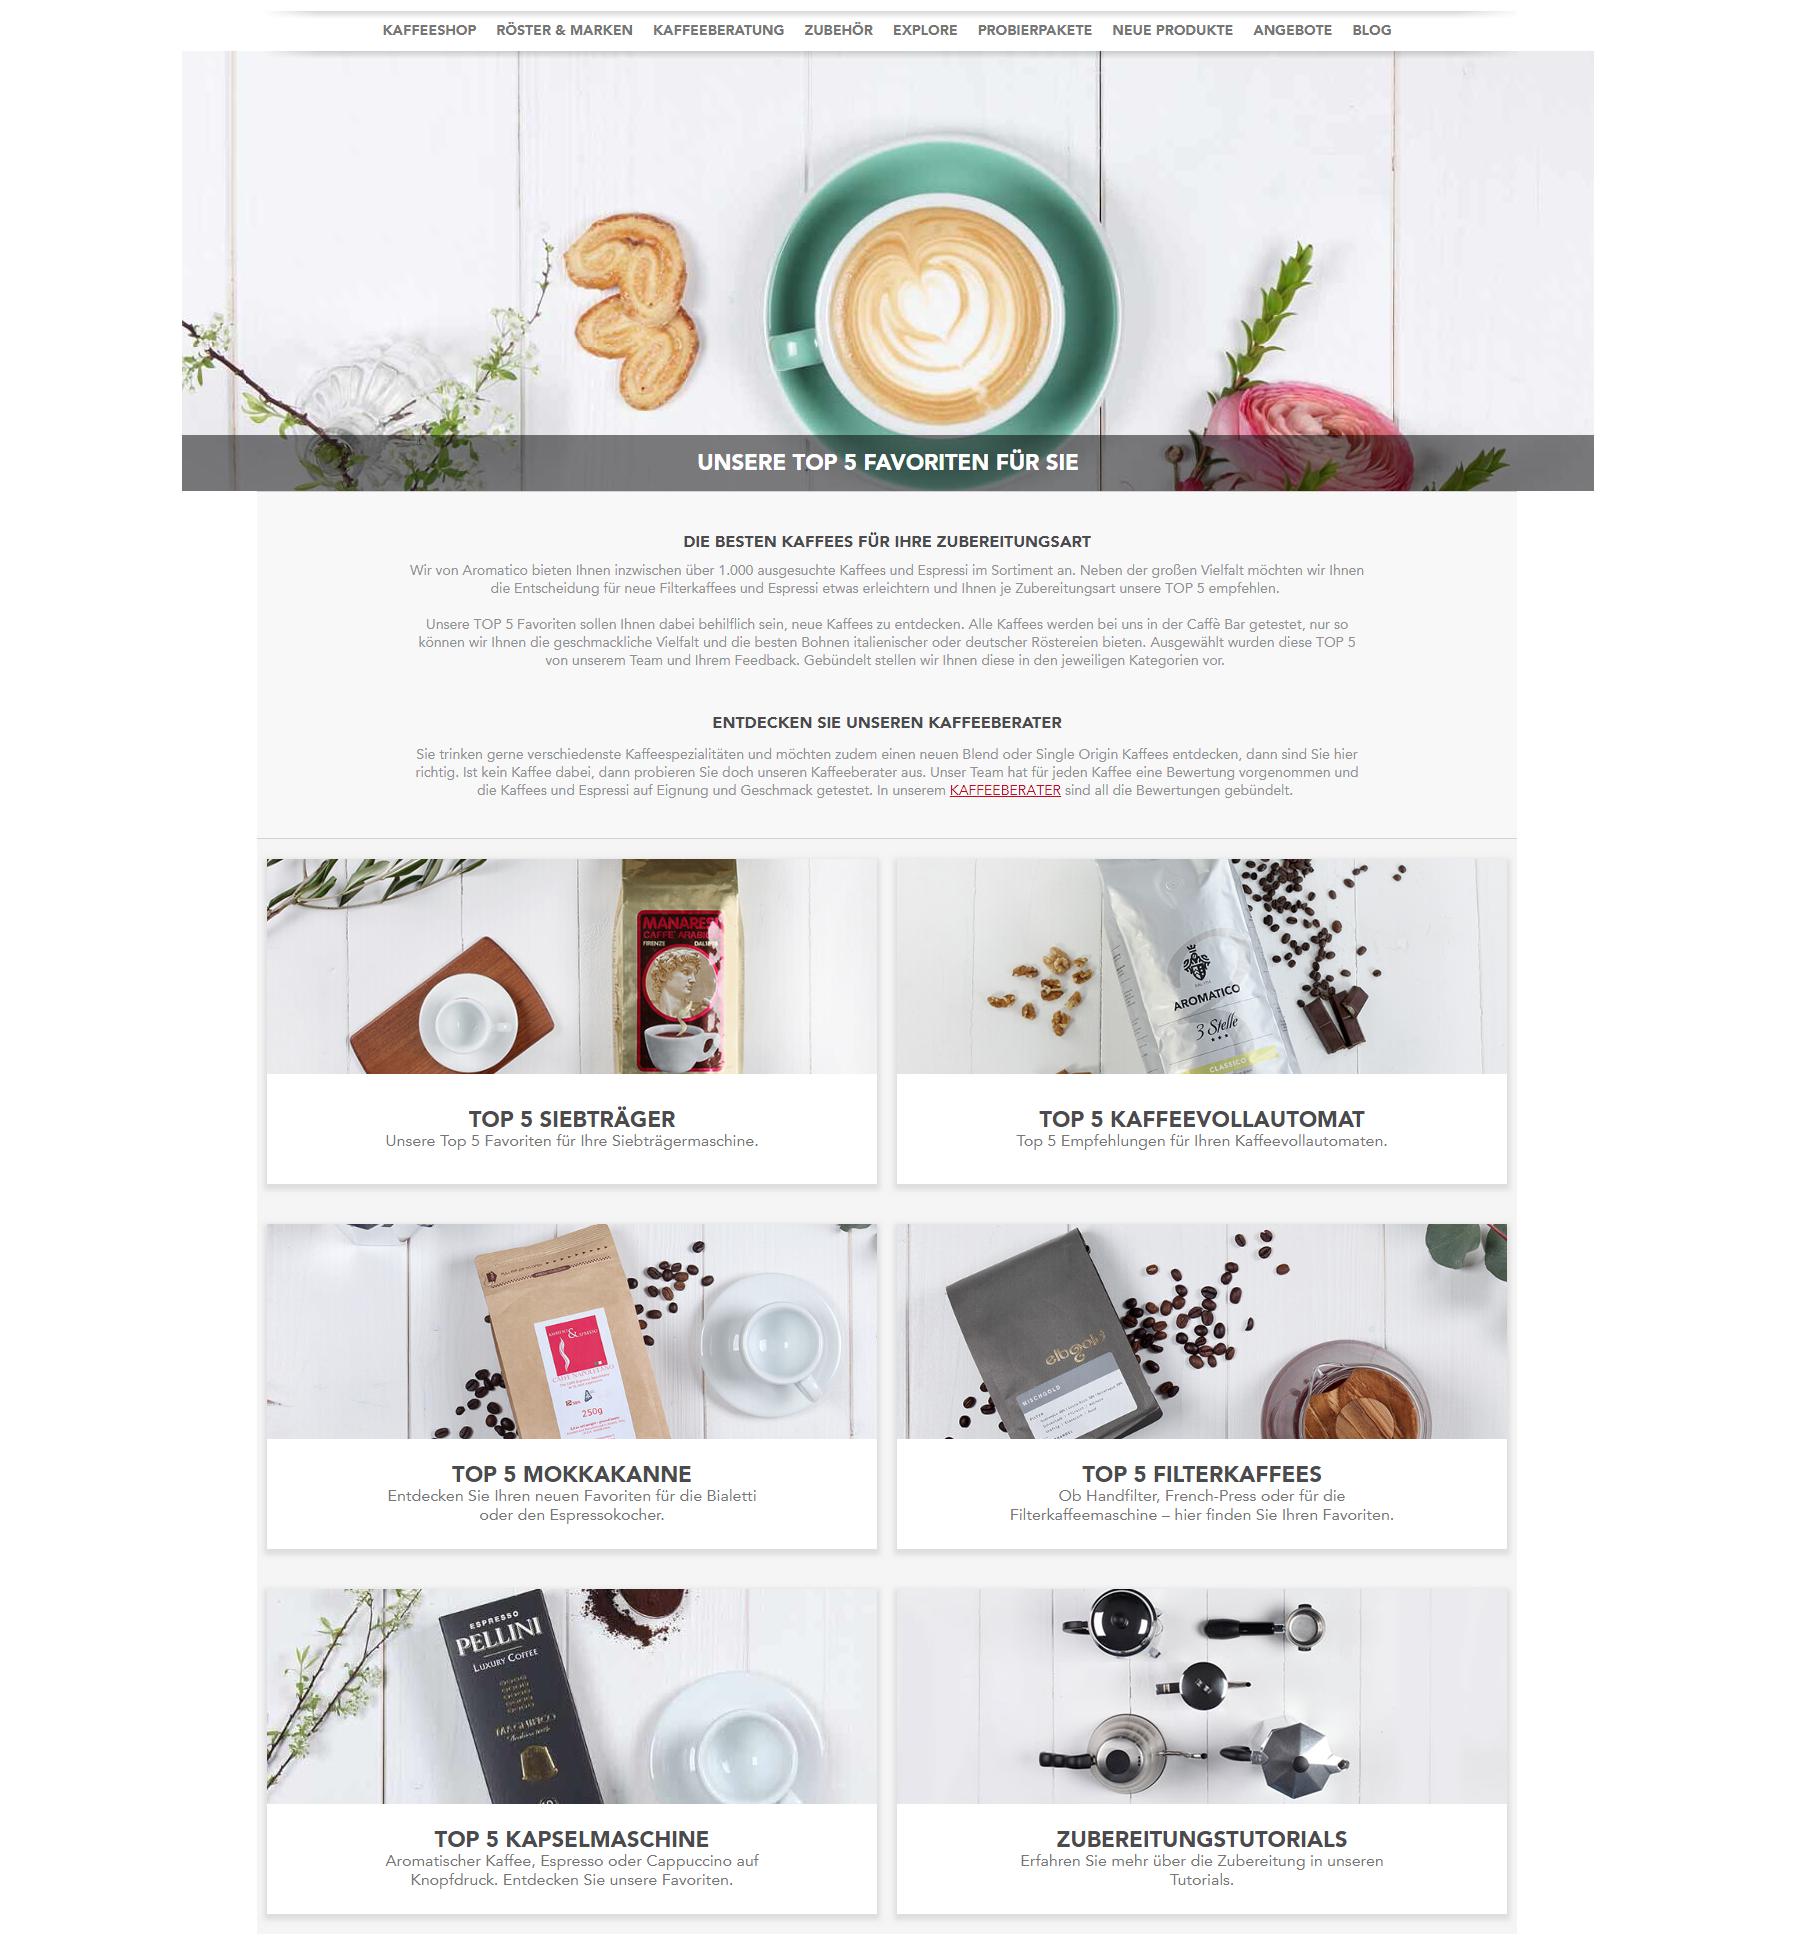 Top-5-Kaffees-und-Espresso-jetzt-entdecken-_-Aroma